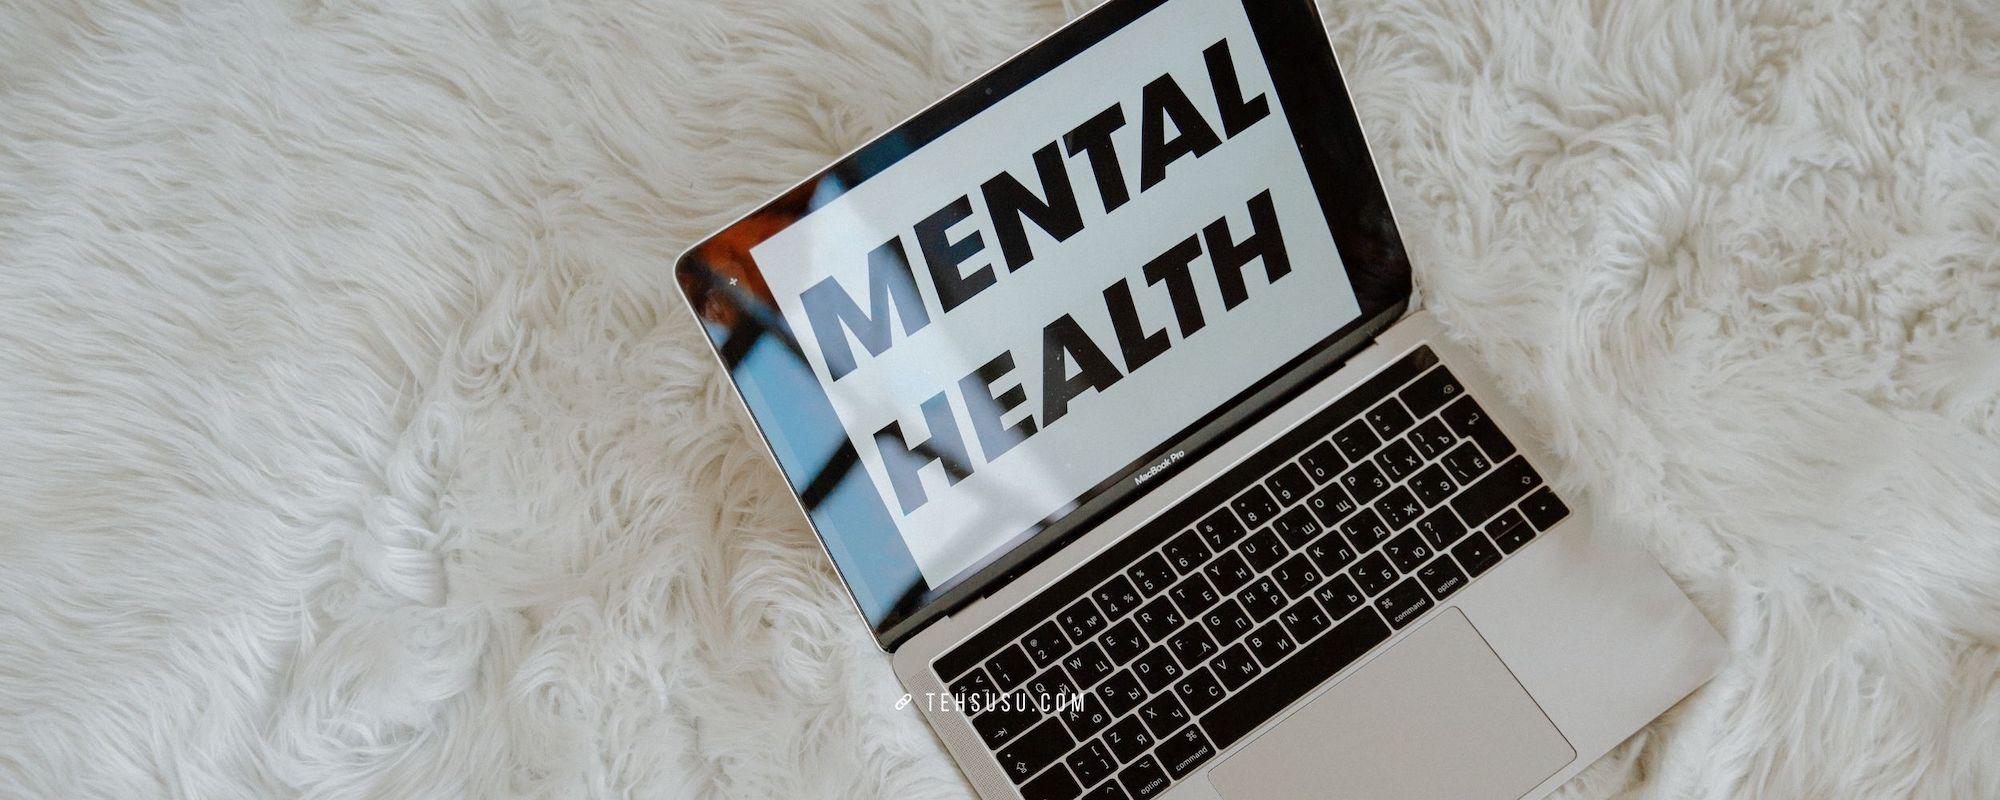 10 Cara Memotivasi Diri Sendiri Saat Depresi